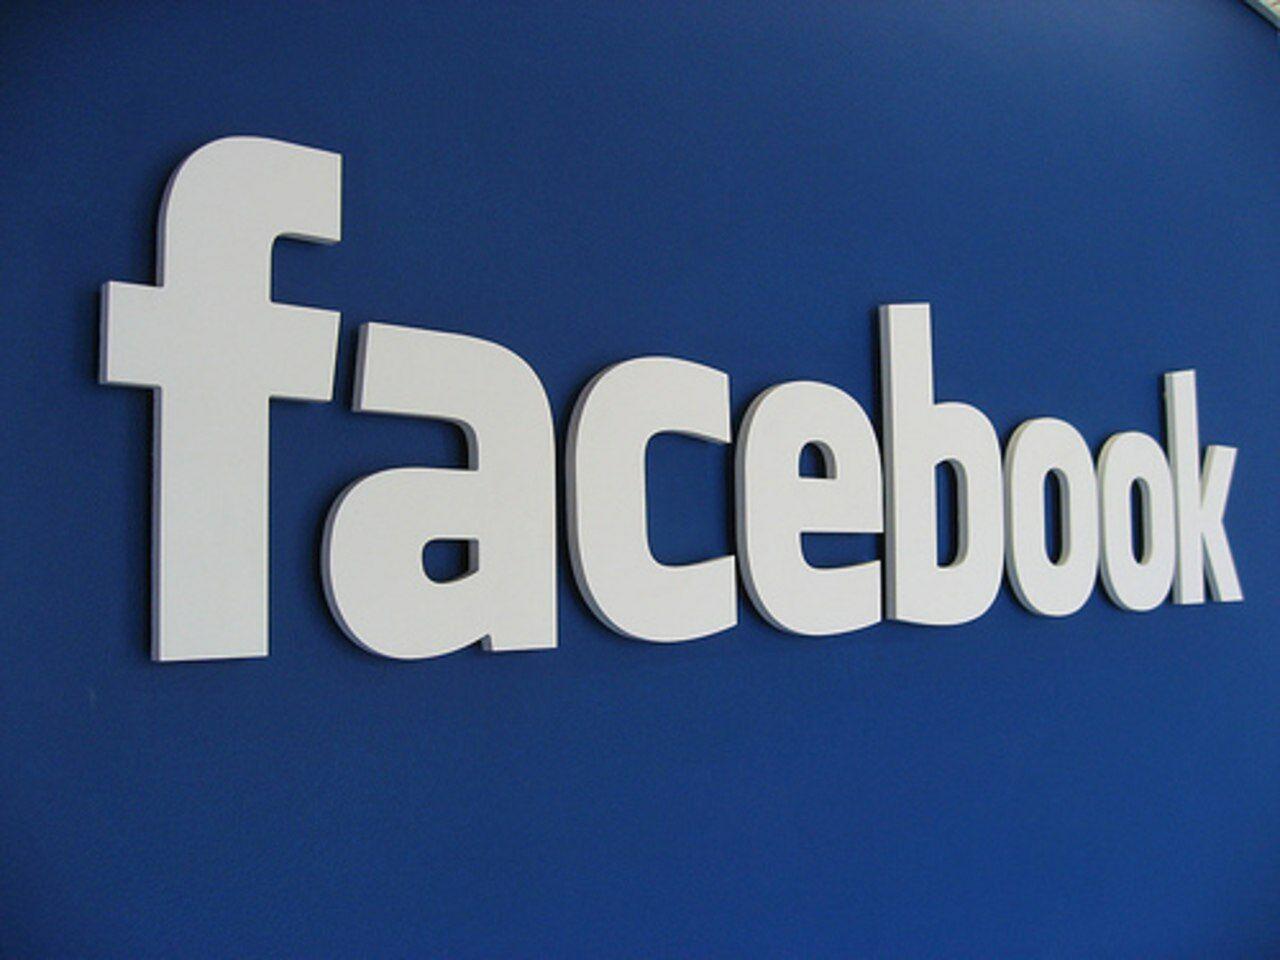 Фейсбук будет распознавать лица пользователей